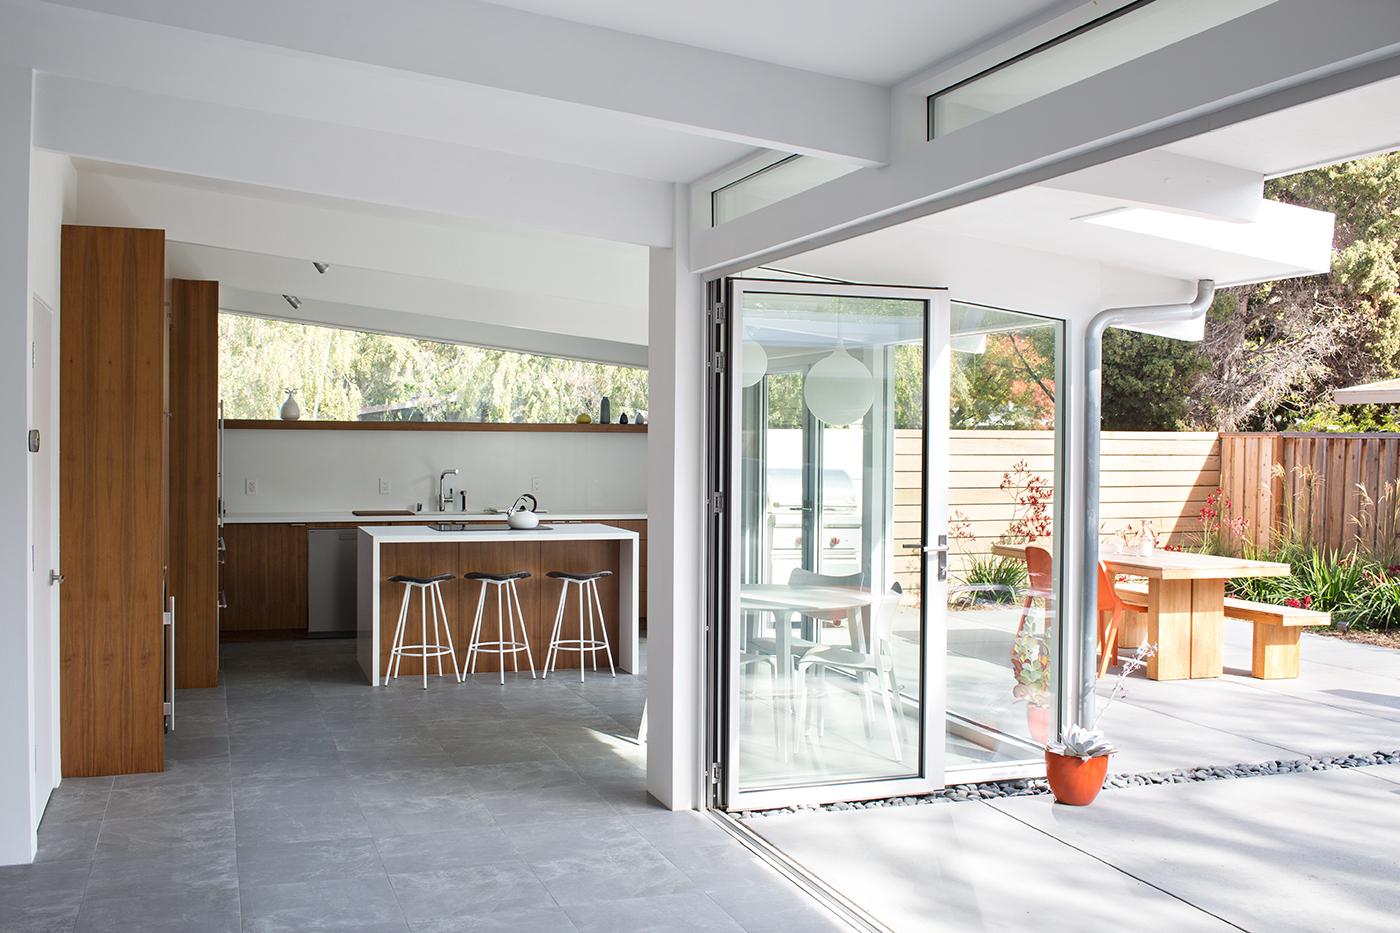 palo alto eichler remodel architect magazine klopf